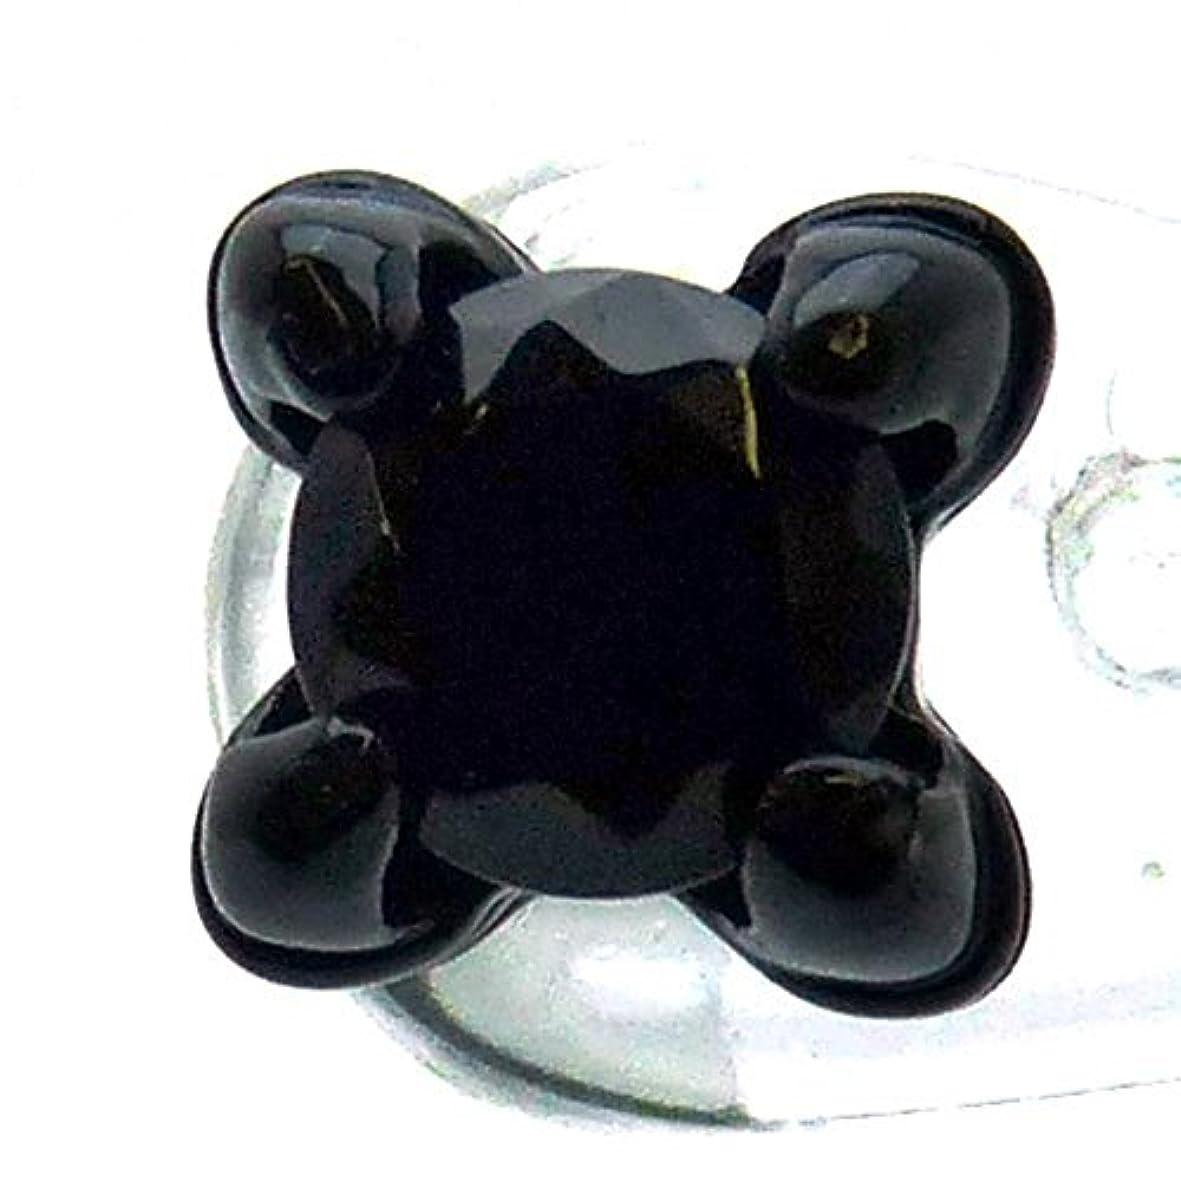 幻想ハンマートランク[ソリッド]solid 大粒ブリリアンカット キラキラ輝く煌きGlassストーン 大爪 ブラックカラー スタッド ピアス メンズ